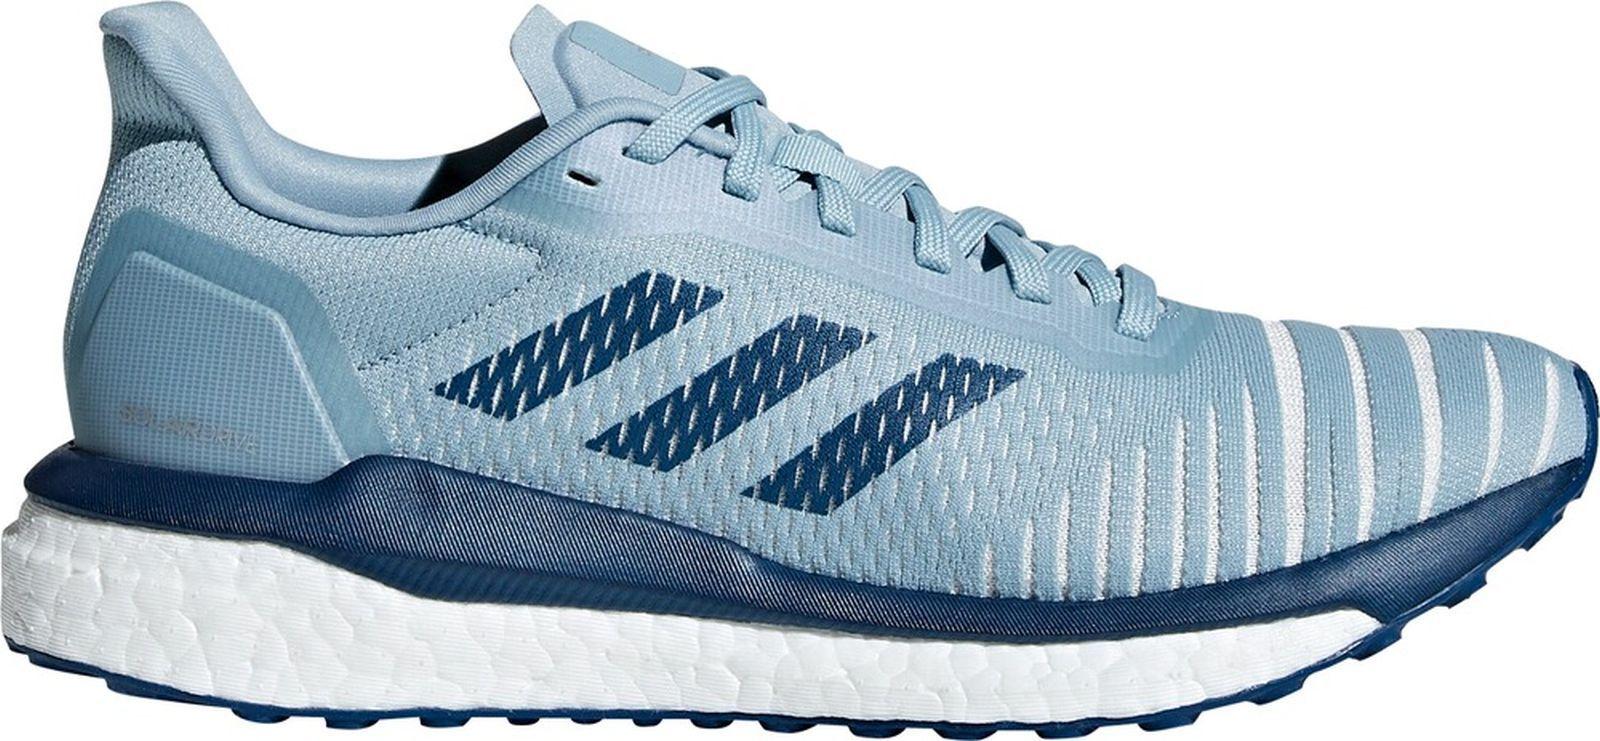 Adidas Performance women shoes da Corsa Solar Drive  W green  cheap in high quality